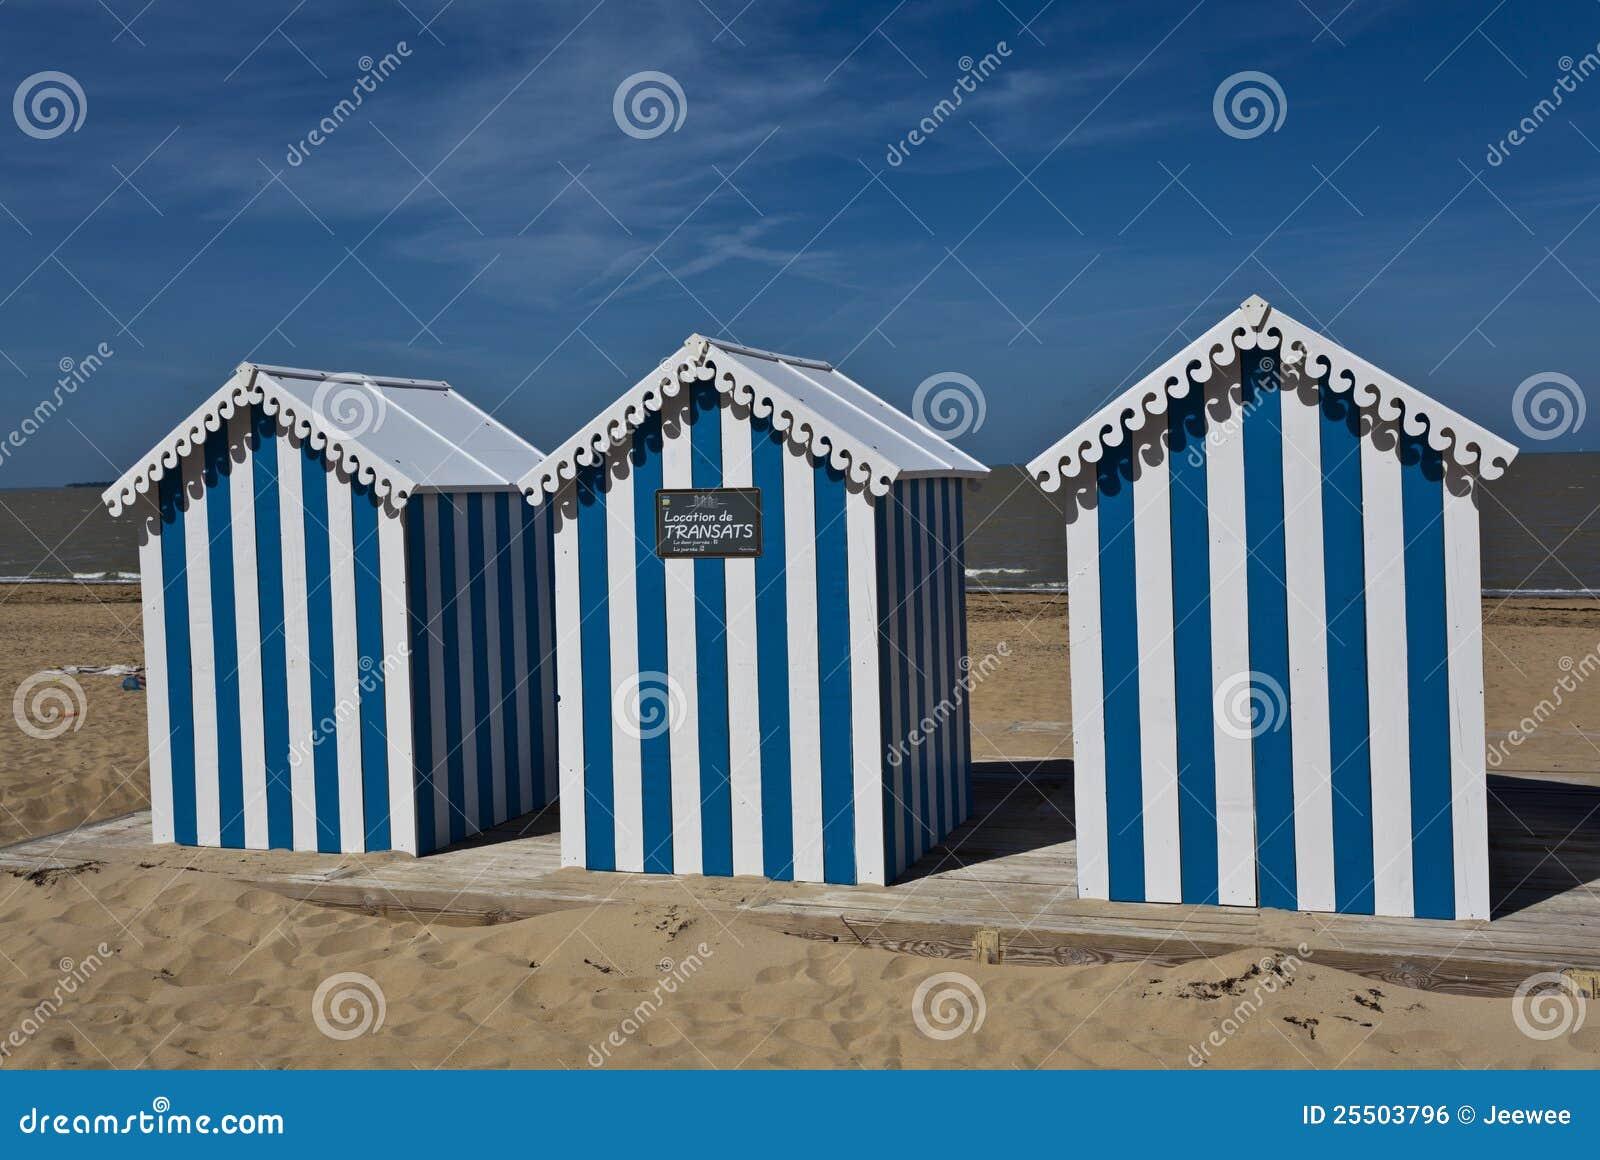 Casas de playa rayadas blancas y azules en una playa asoleada